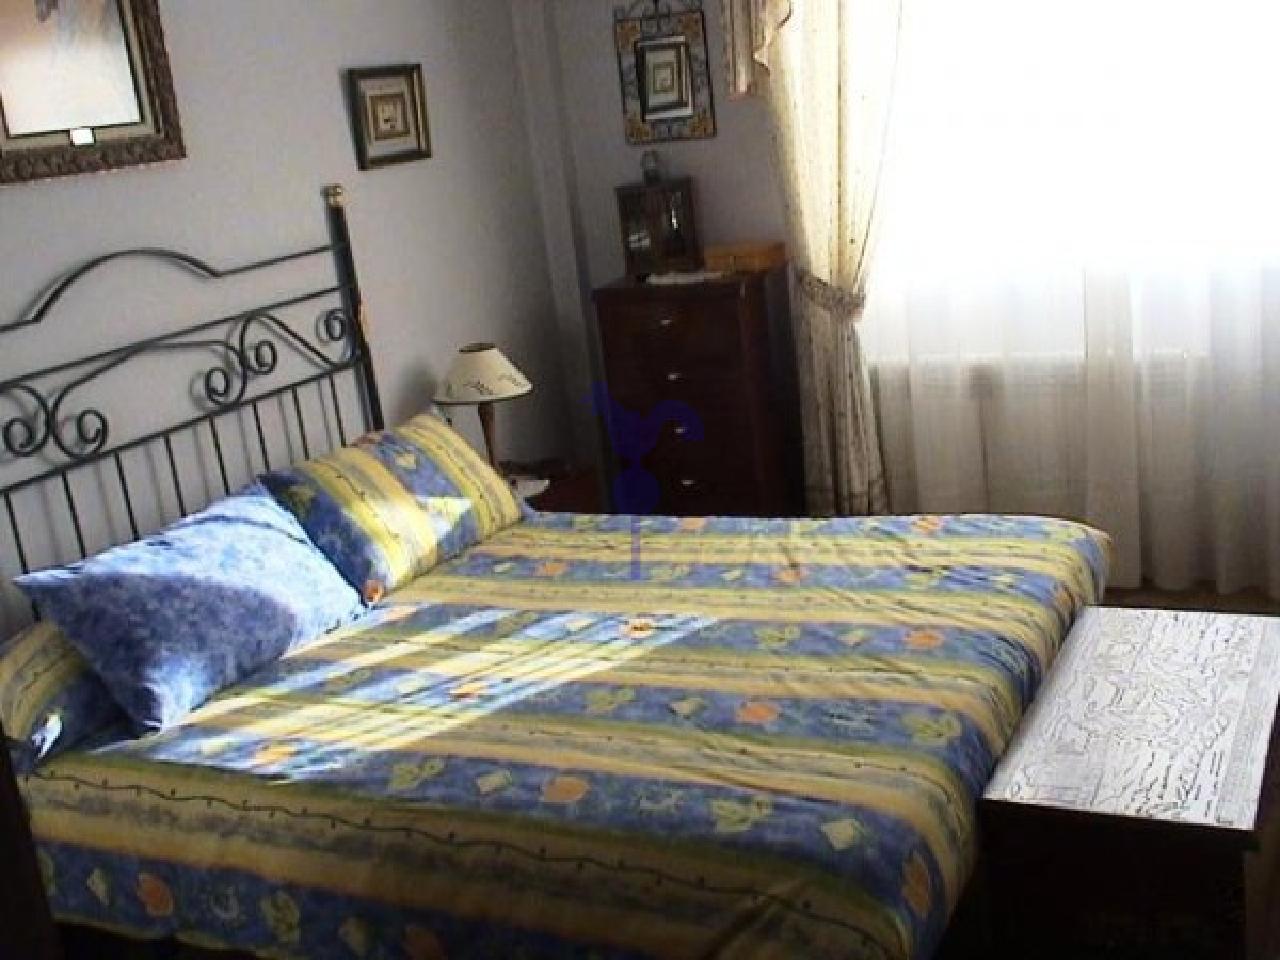 Inmobiliaria san isidoro comprar piso en villaquilambre for Alquiler pisos navatejera